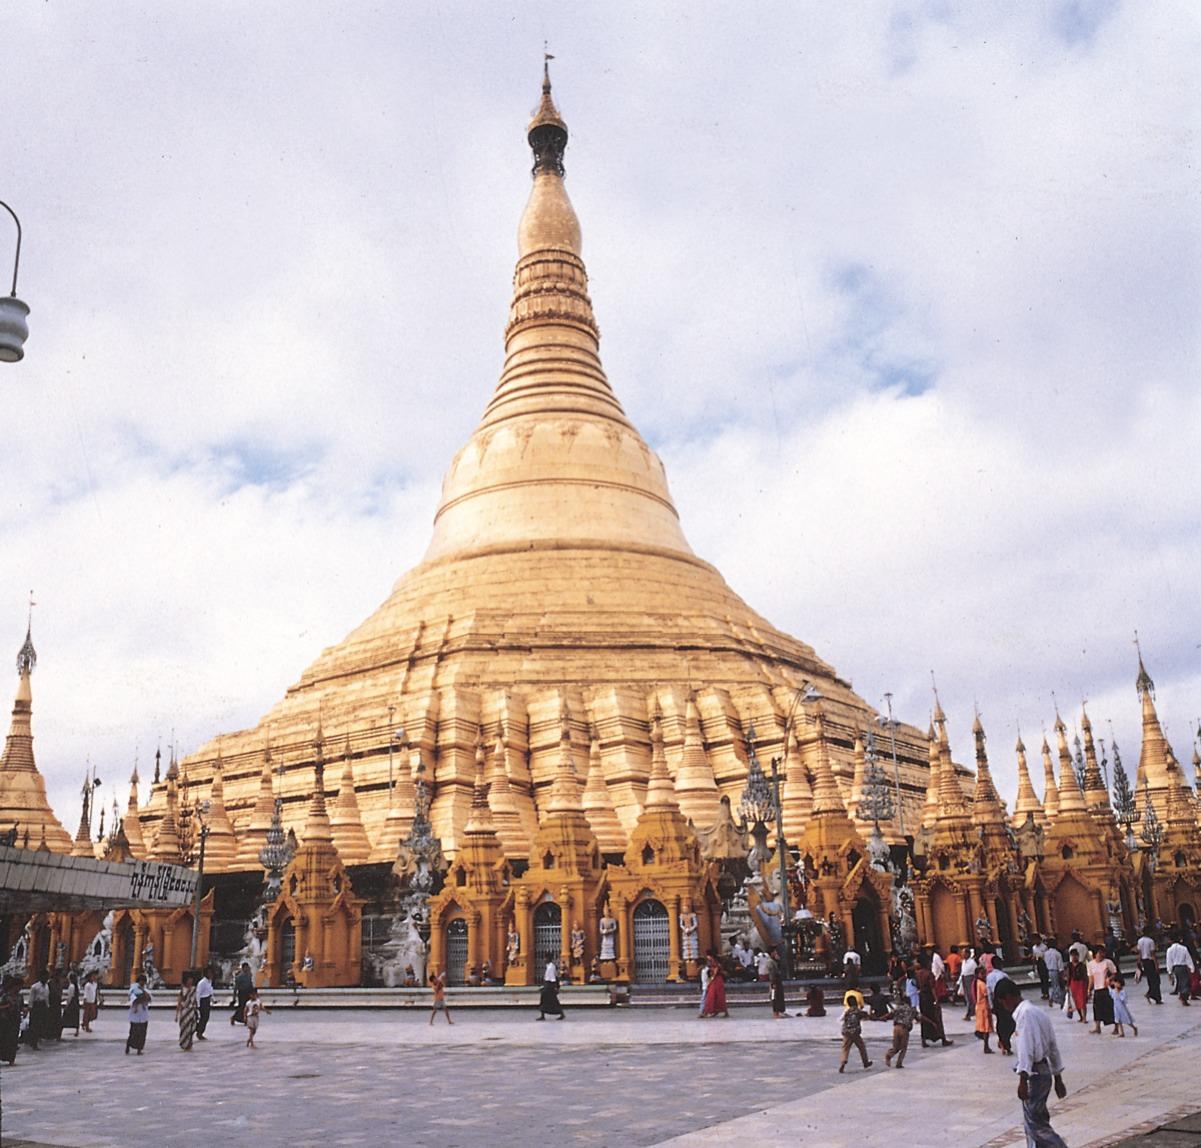 Estensione da Yangon - Tour Roccia d'Oro e Paan - Maw La Myaing